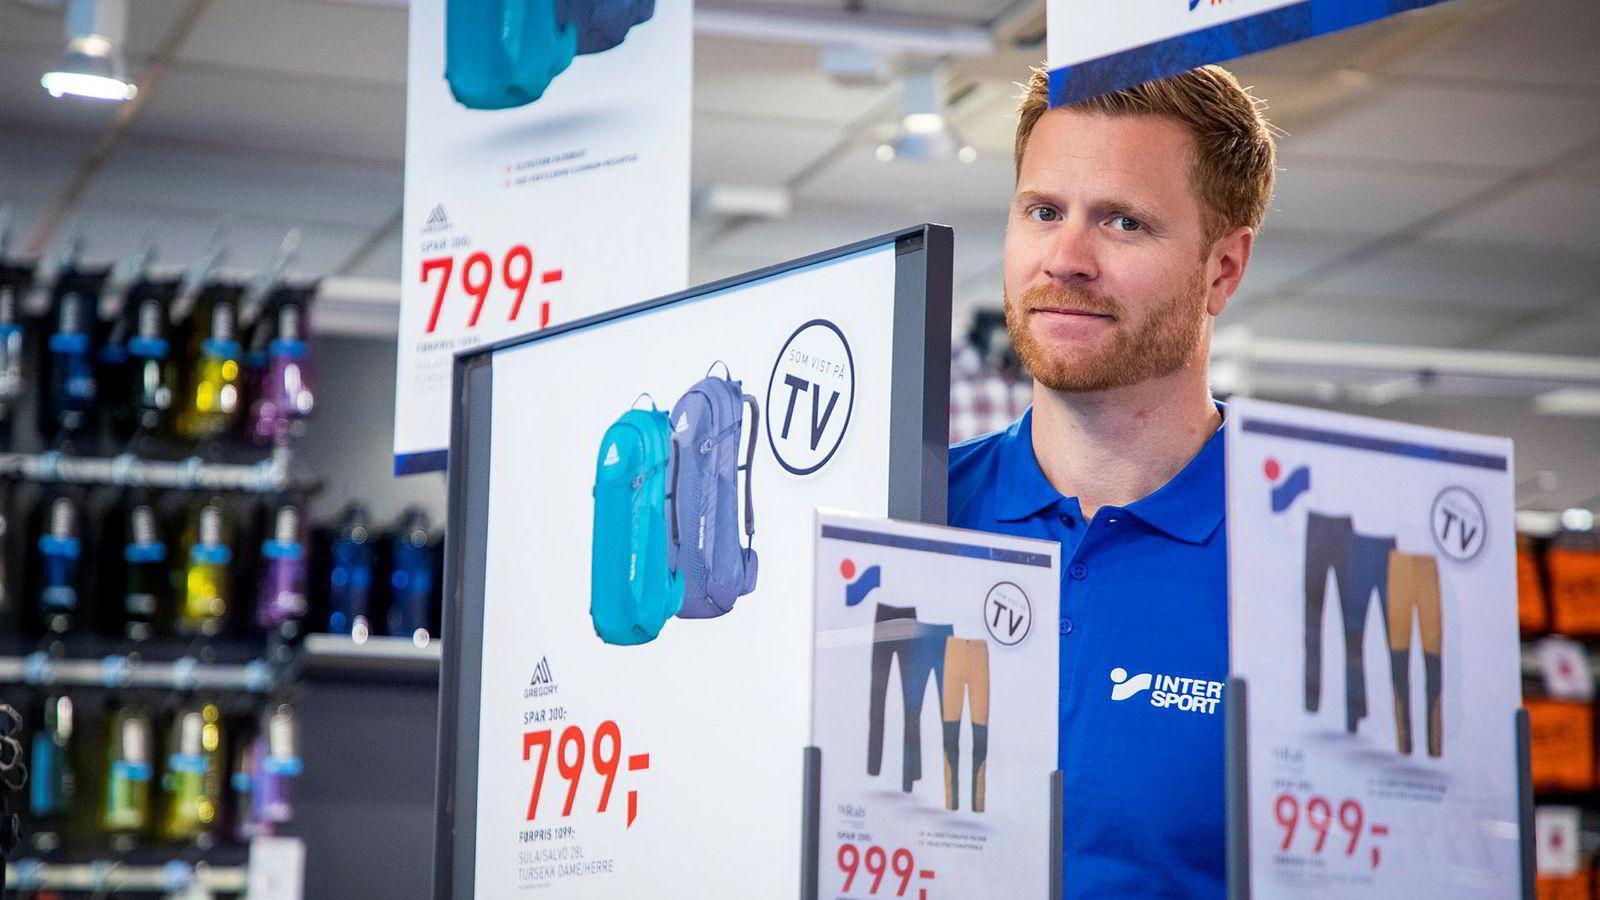 En epoke er over når Gresvig-sjef Lars Kristian Lindberg rydder opp i det tapstyngede sportskonsernet eid av familien til Olav Nils Sunde. Nå er det Intersport som gjelder, mens G-sport forsvinner ut.